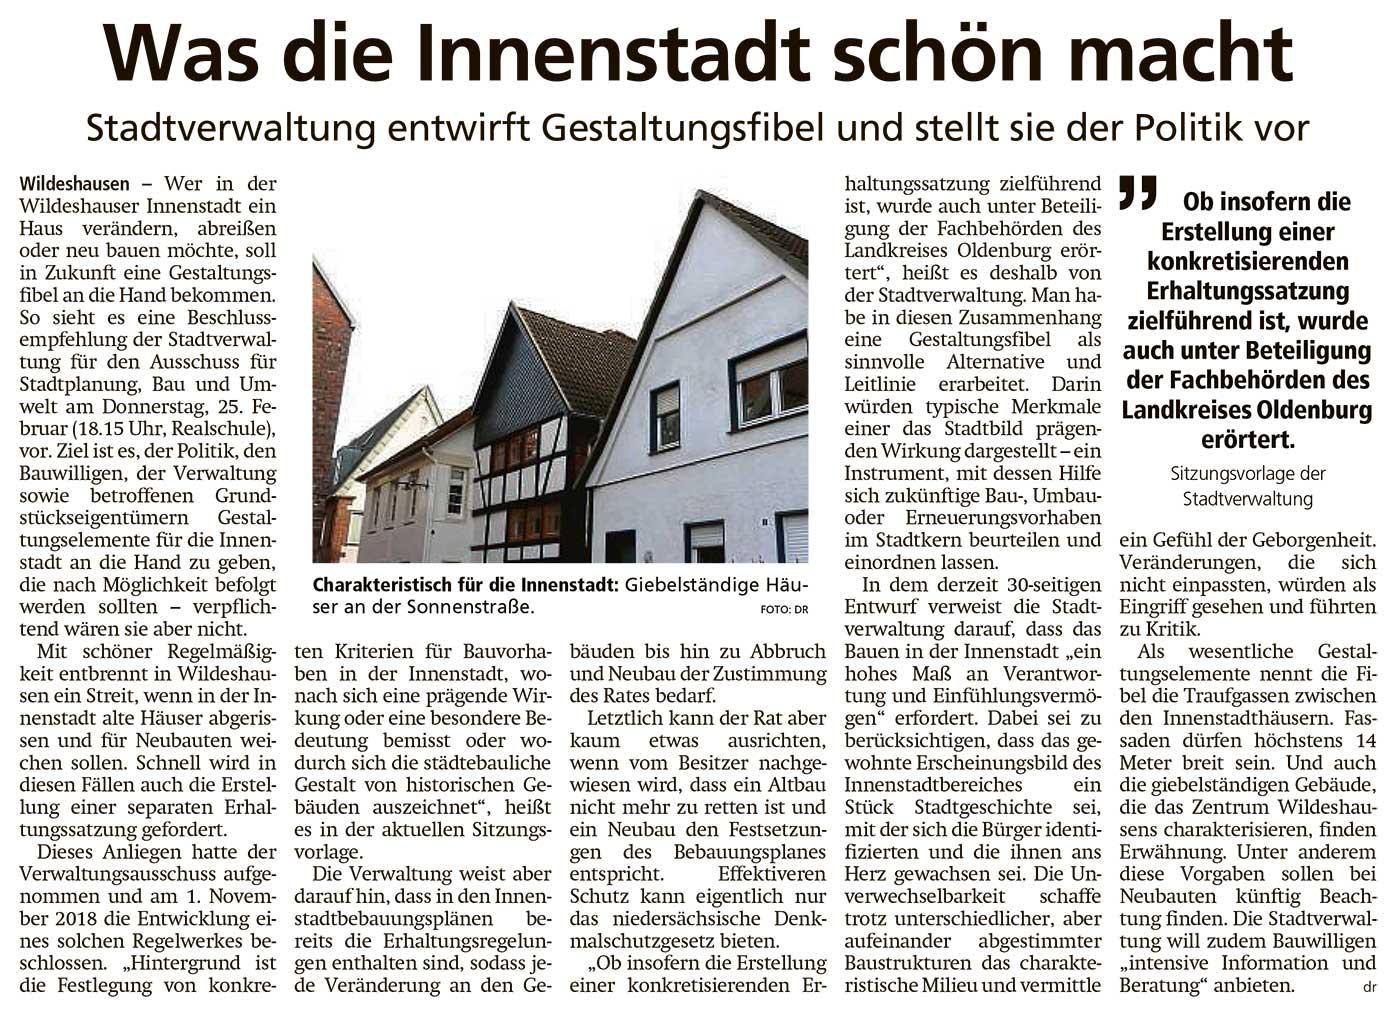 Was die Innenstadt schön machtStadtverwaltung entwirft Gestaltungsfibel und stellt sie der Politik vorArtikel vom 24.02.2021 (WZ)